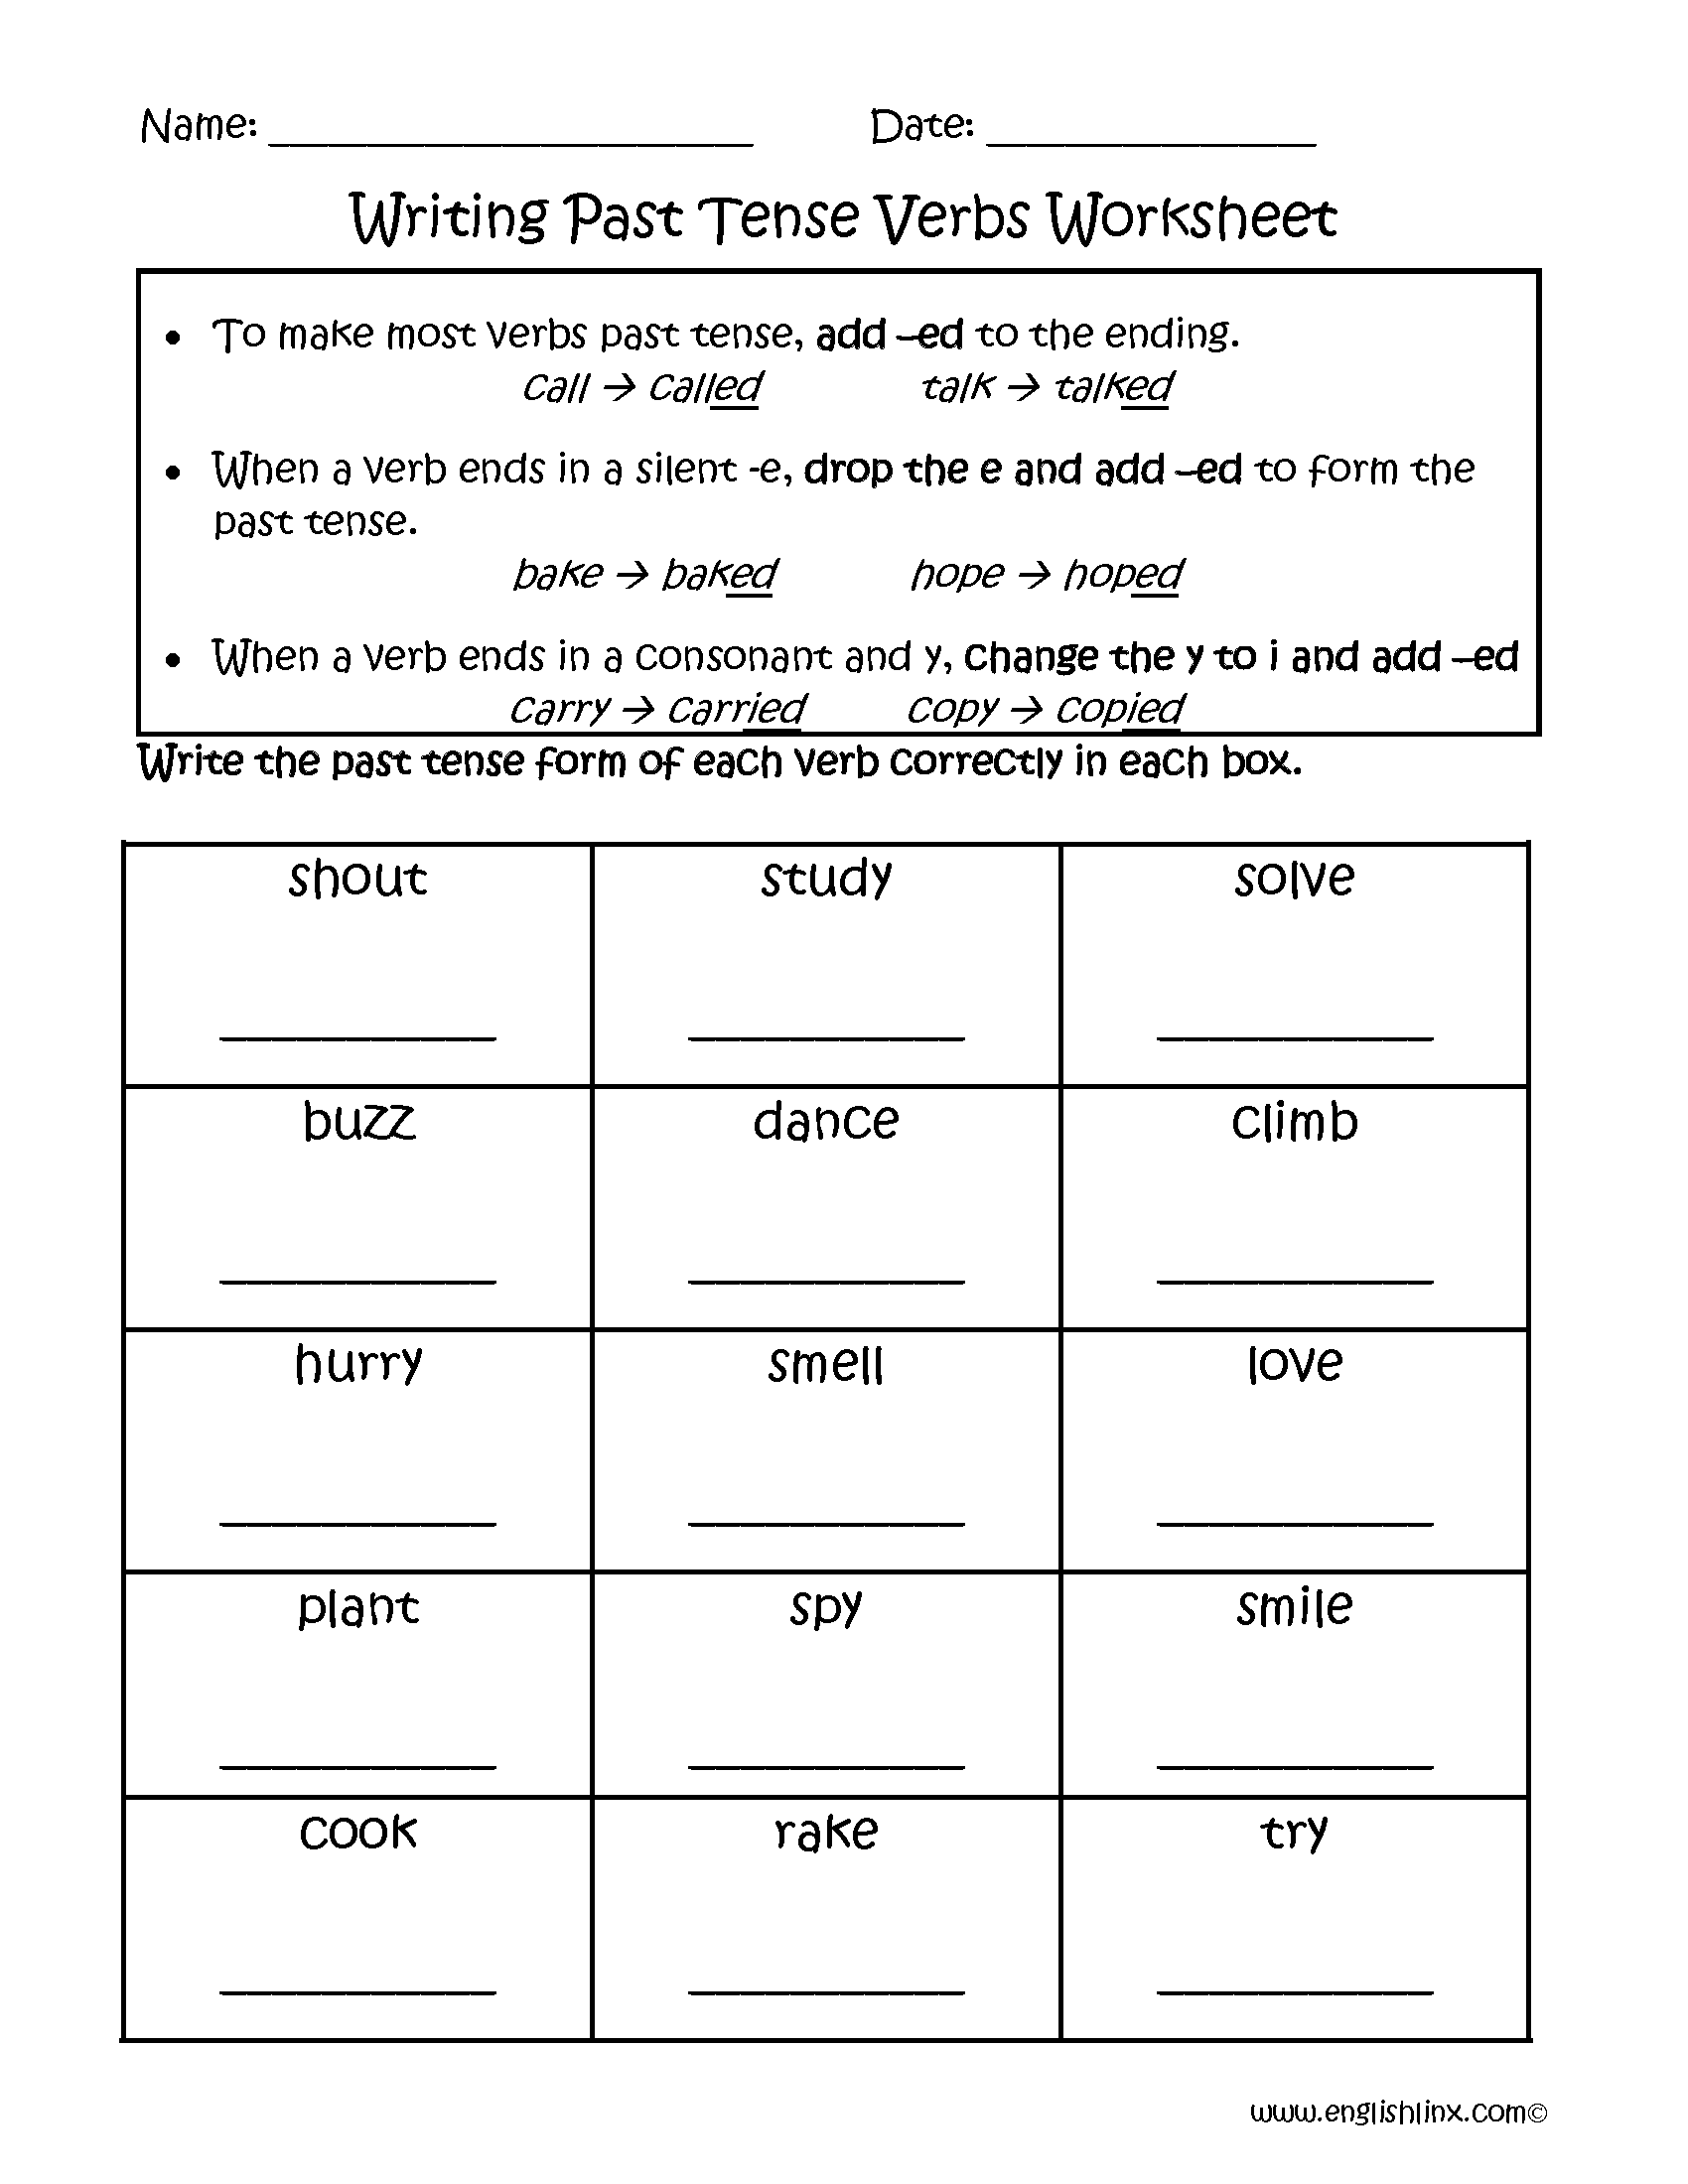 Verbs Worksheets   Verb Tenses Worksheets   Verb worksheets [ 2200 x 1700 Pixel ]